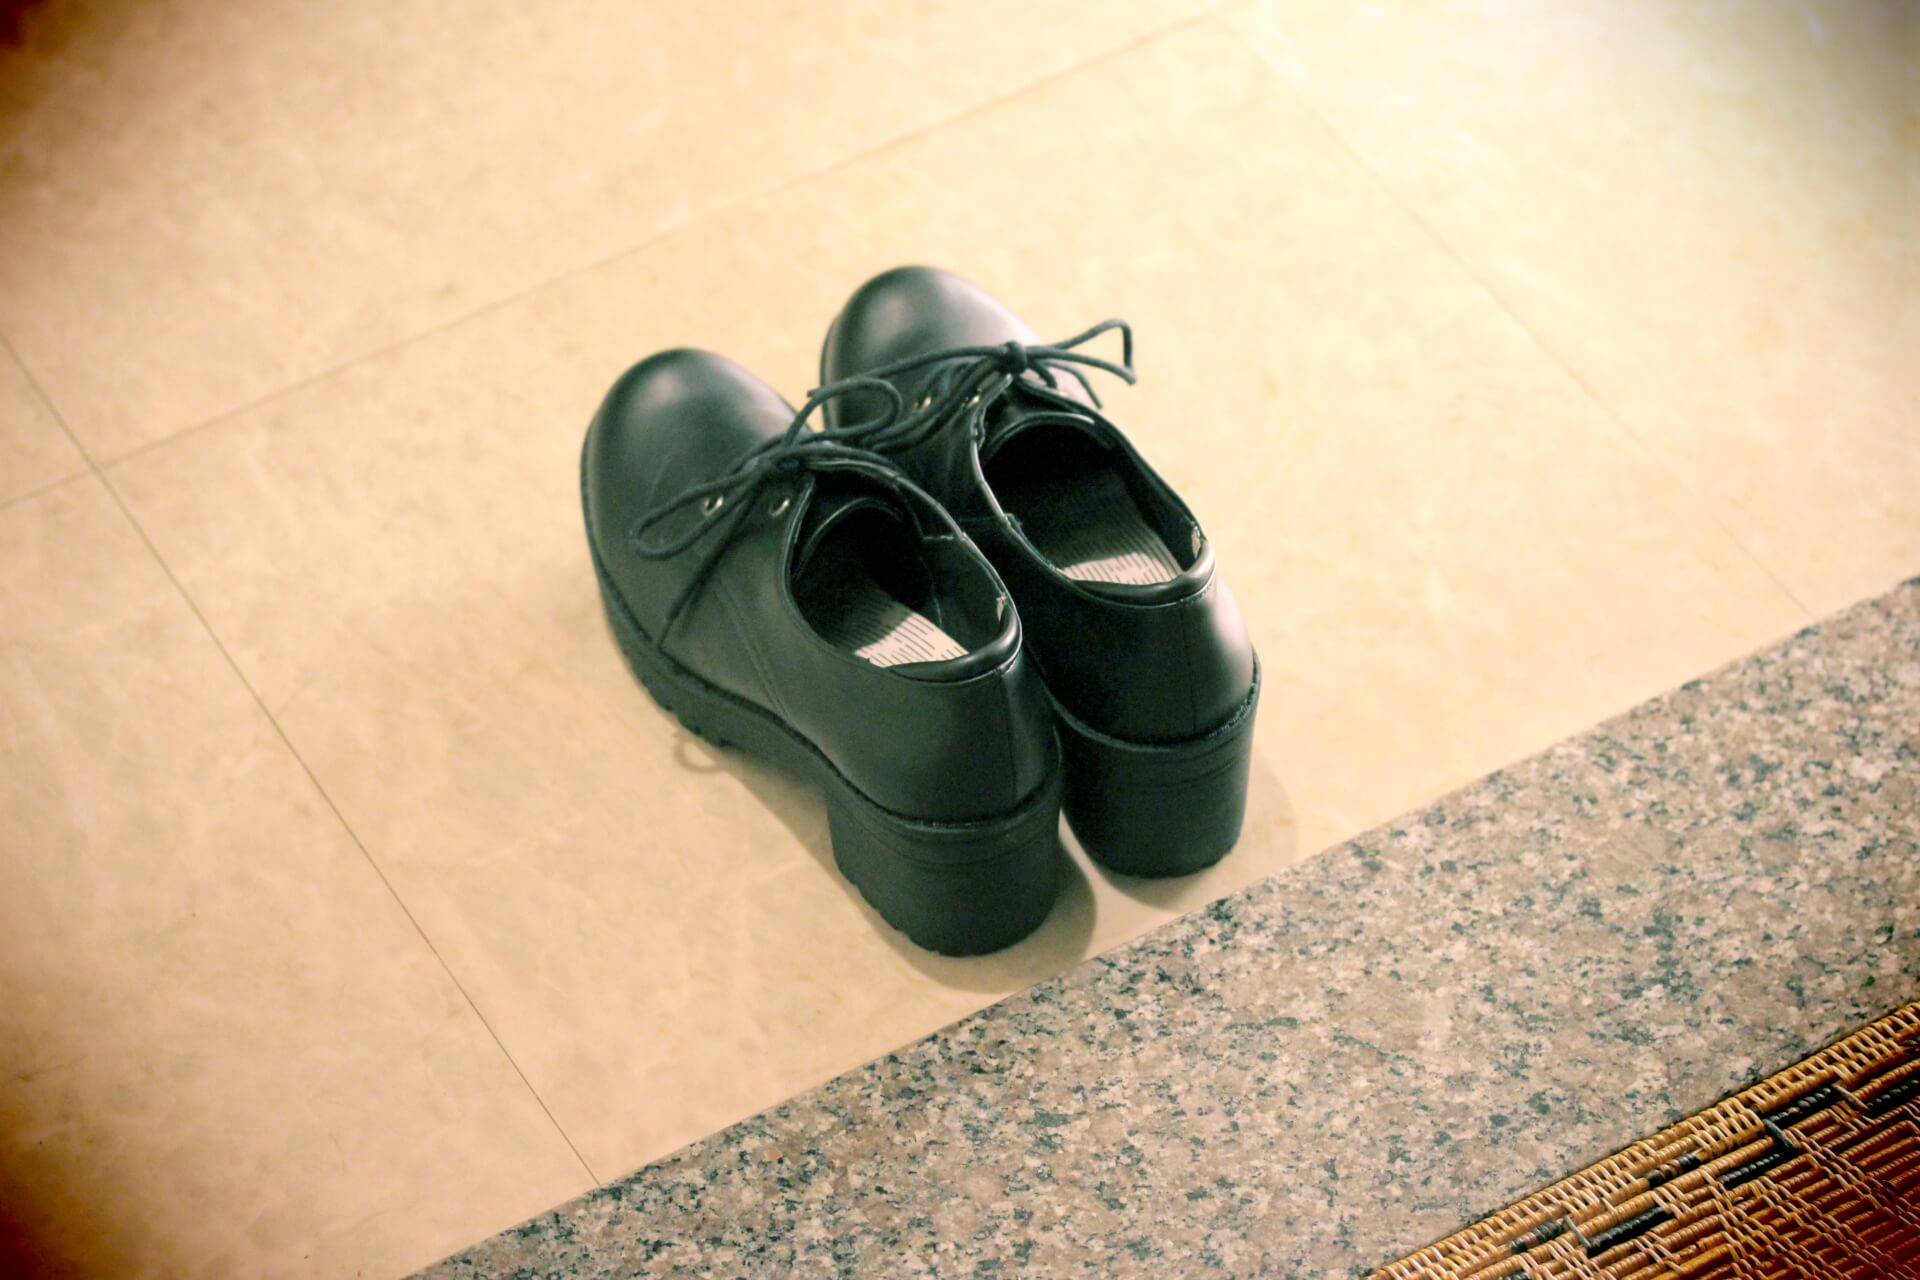 ドクターマーチンの靴磨きの頻度